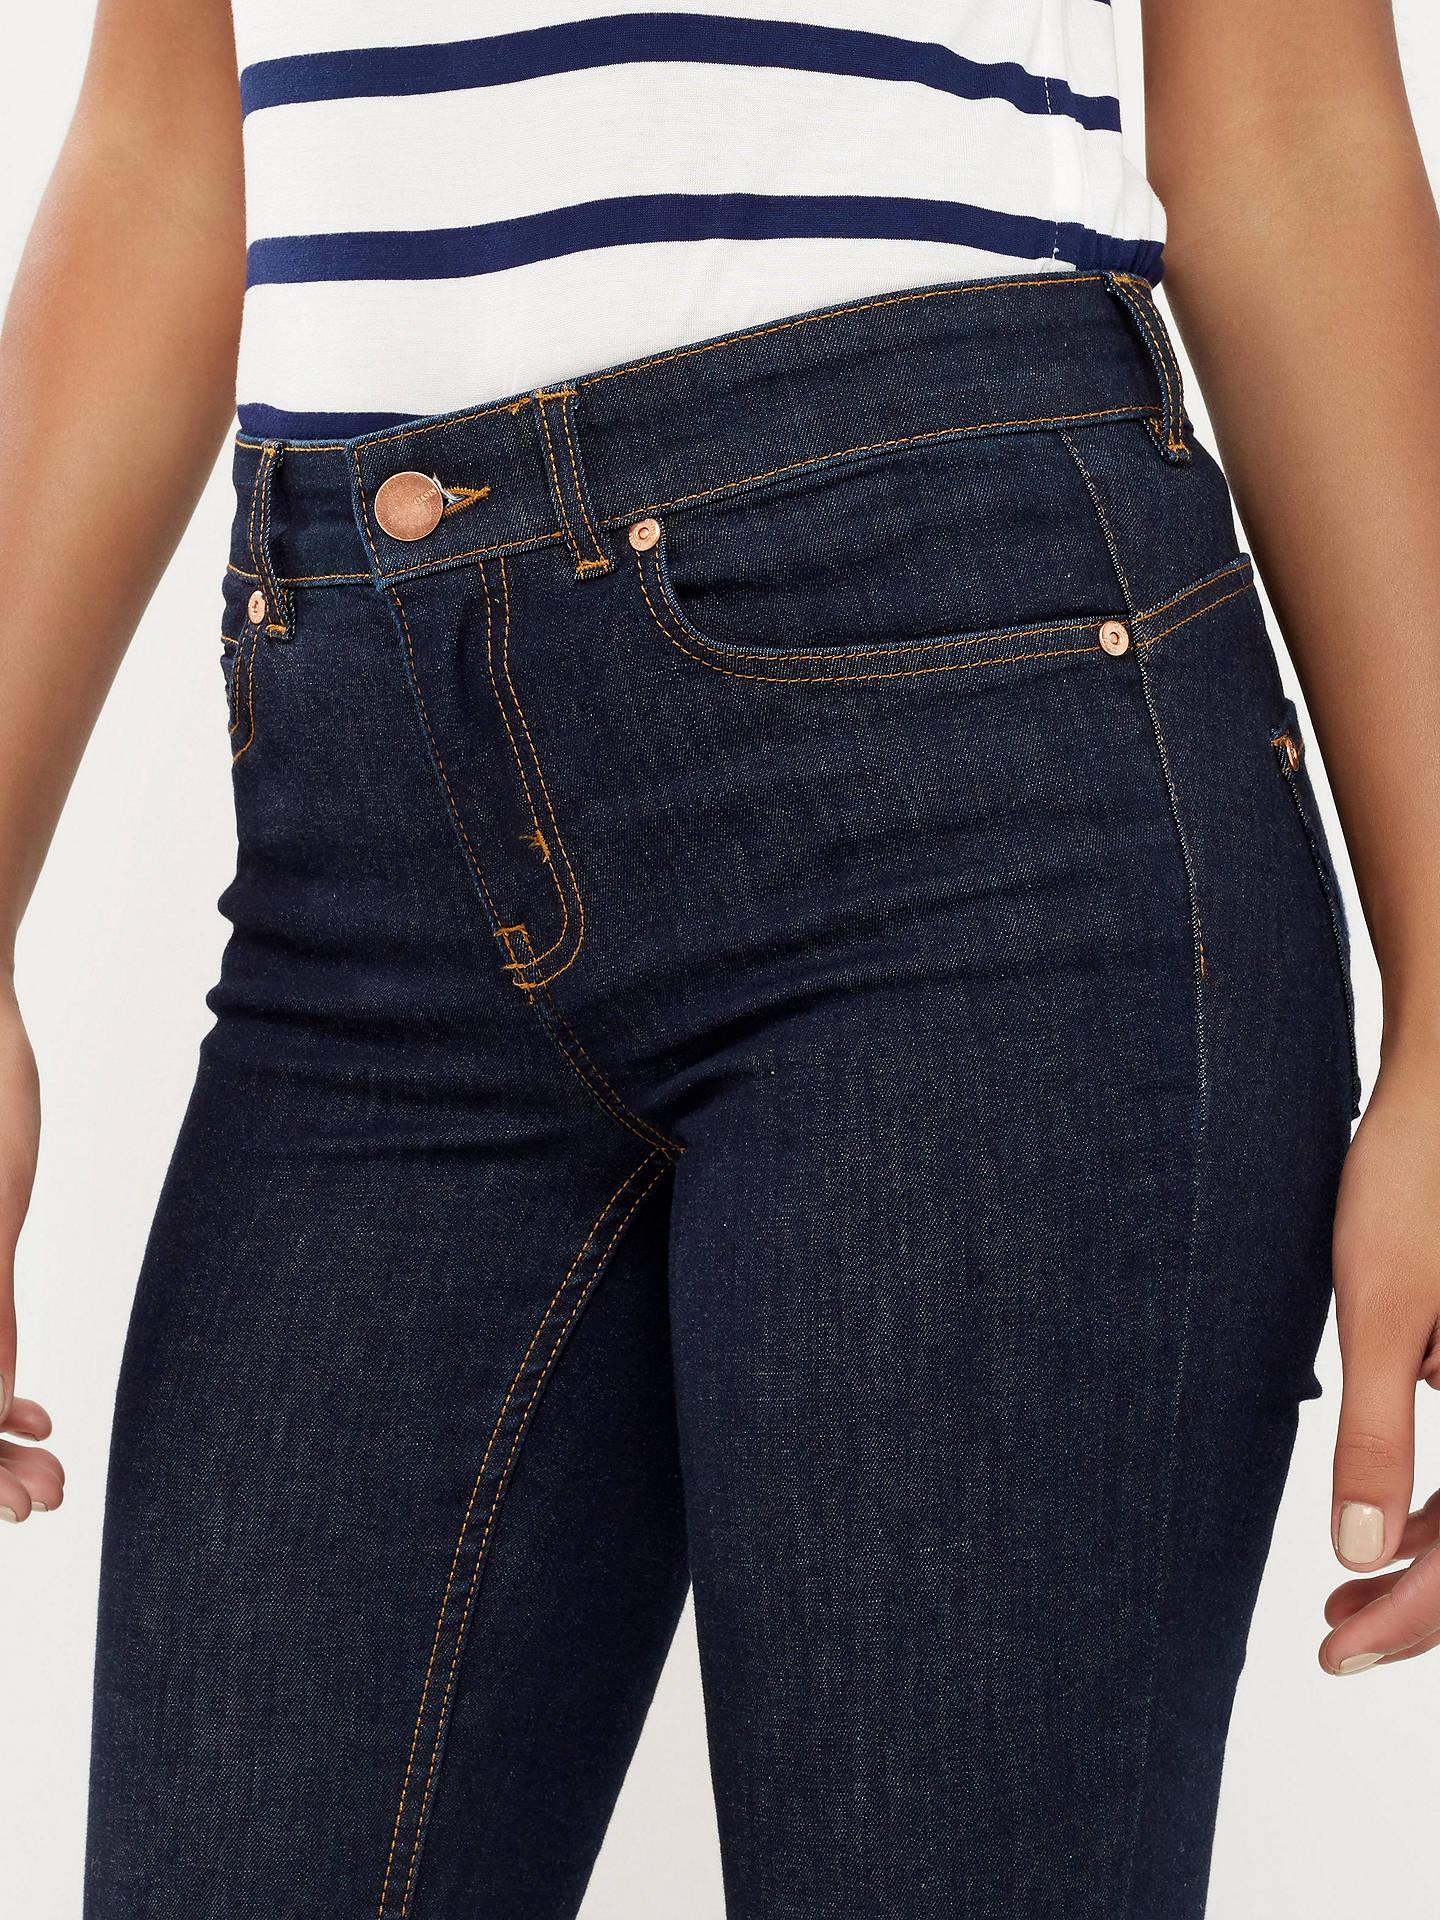 da855c9da488 Buy Oasis New Premium Rinse Wash Jeans, Dark wash, 6 Online at johnlewis.